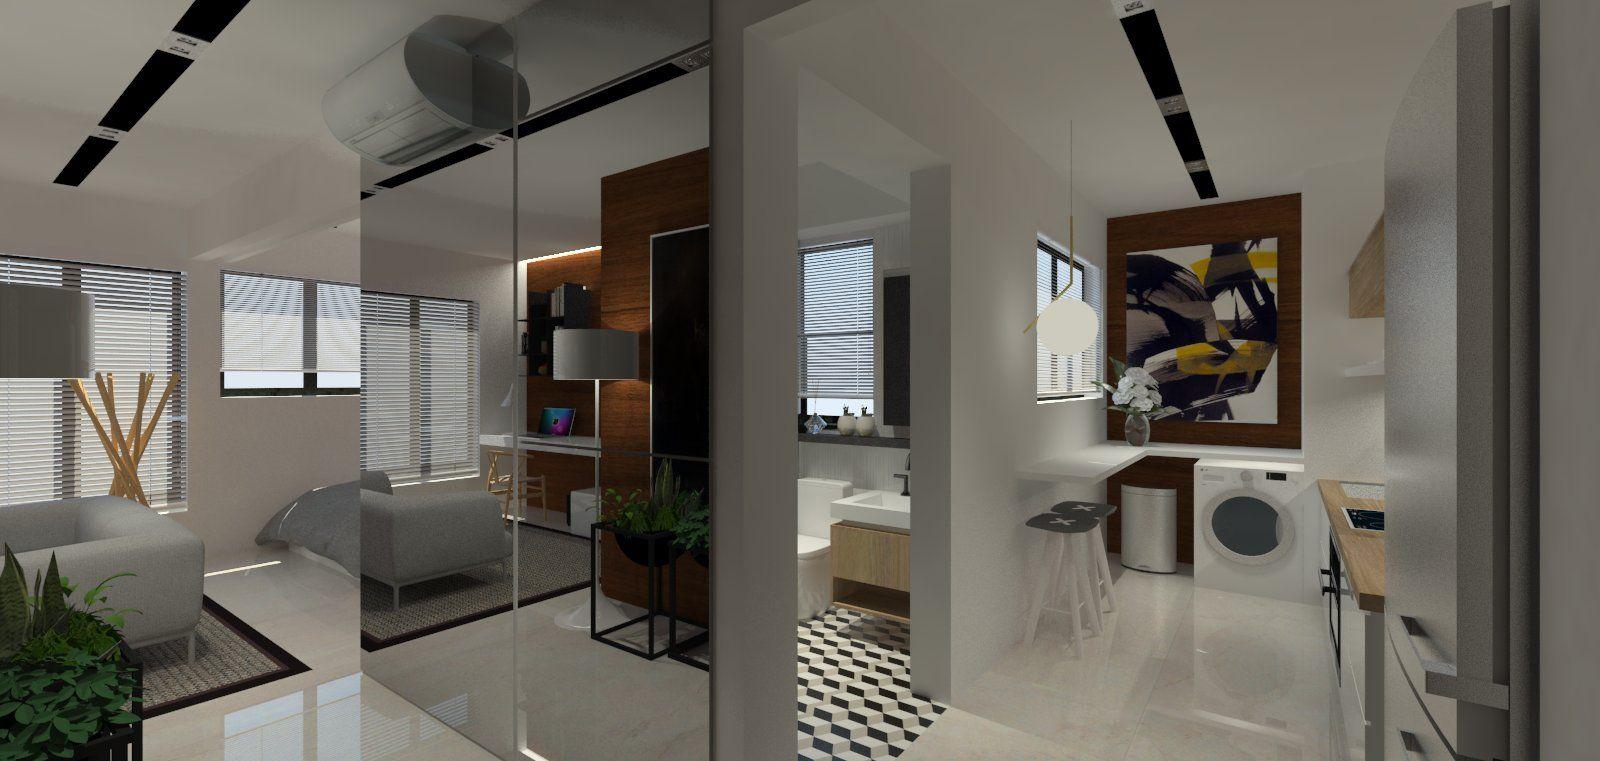 Small Apartment Decorating Interior Design Ideas Account Living Room